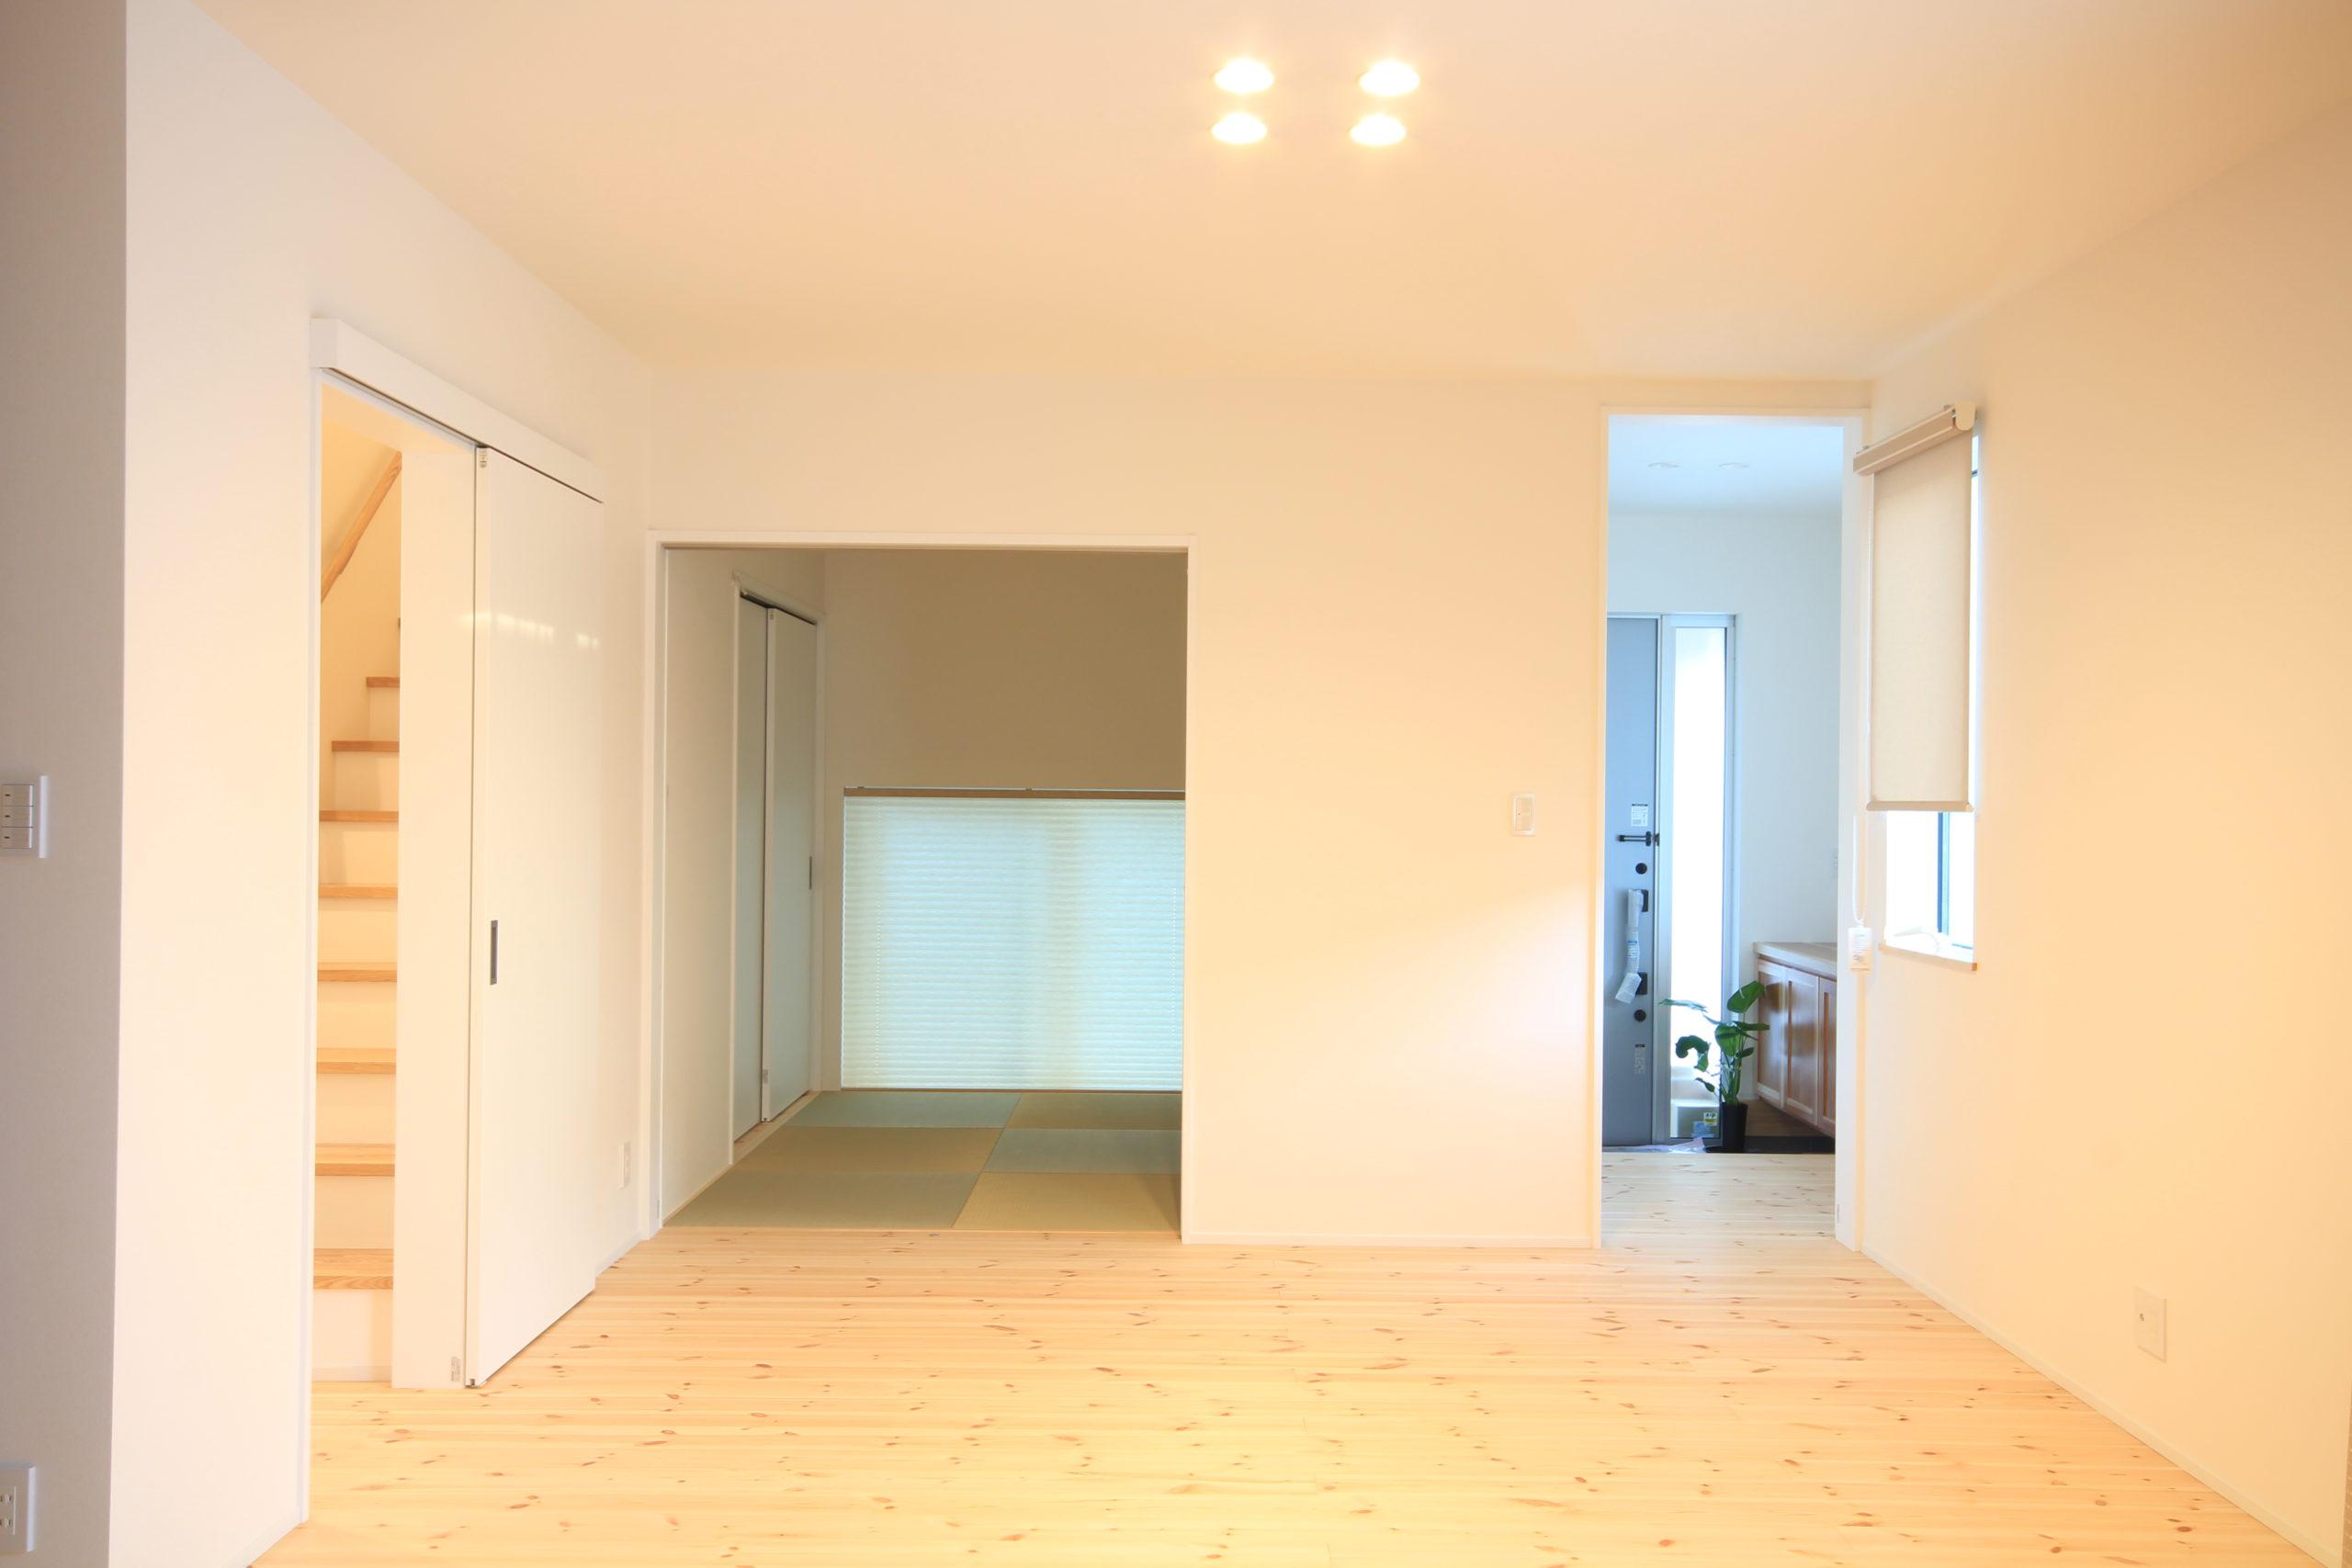 栃木県上三川の耐震住宅施工事例K邸のダイニング